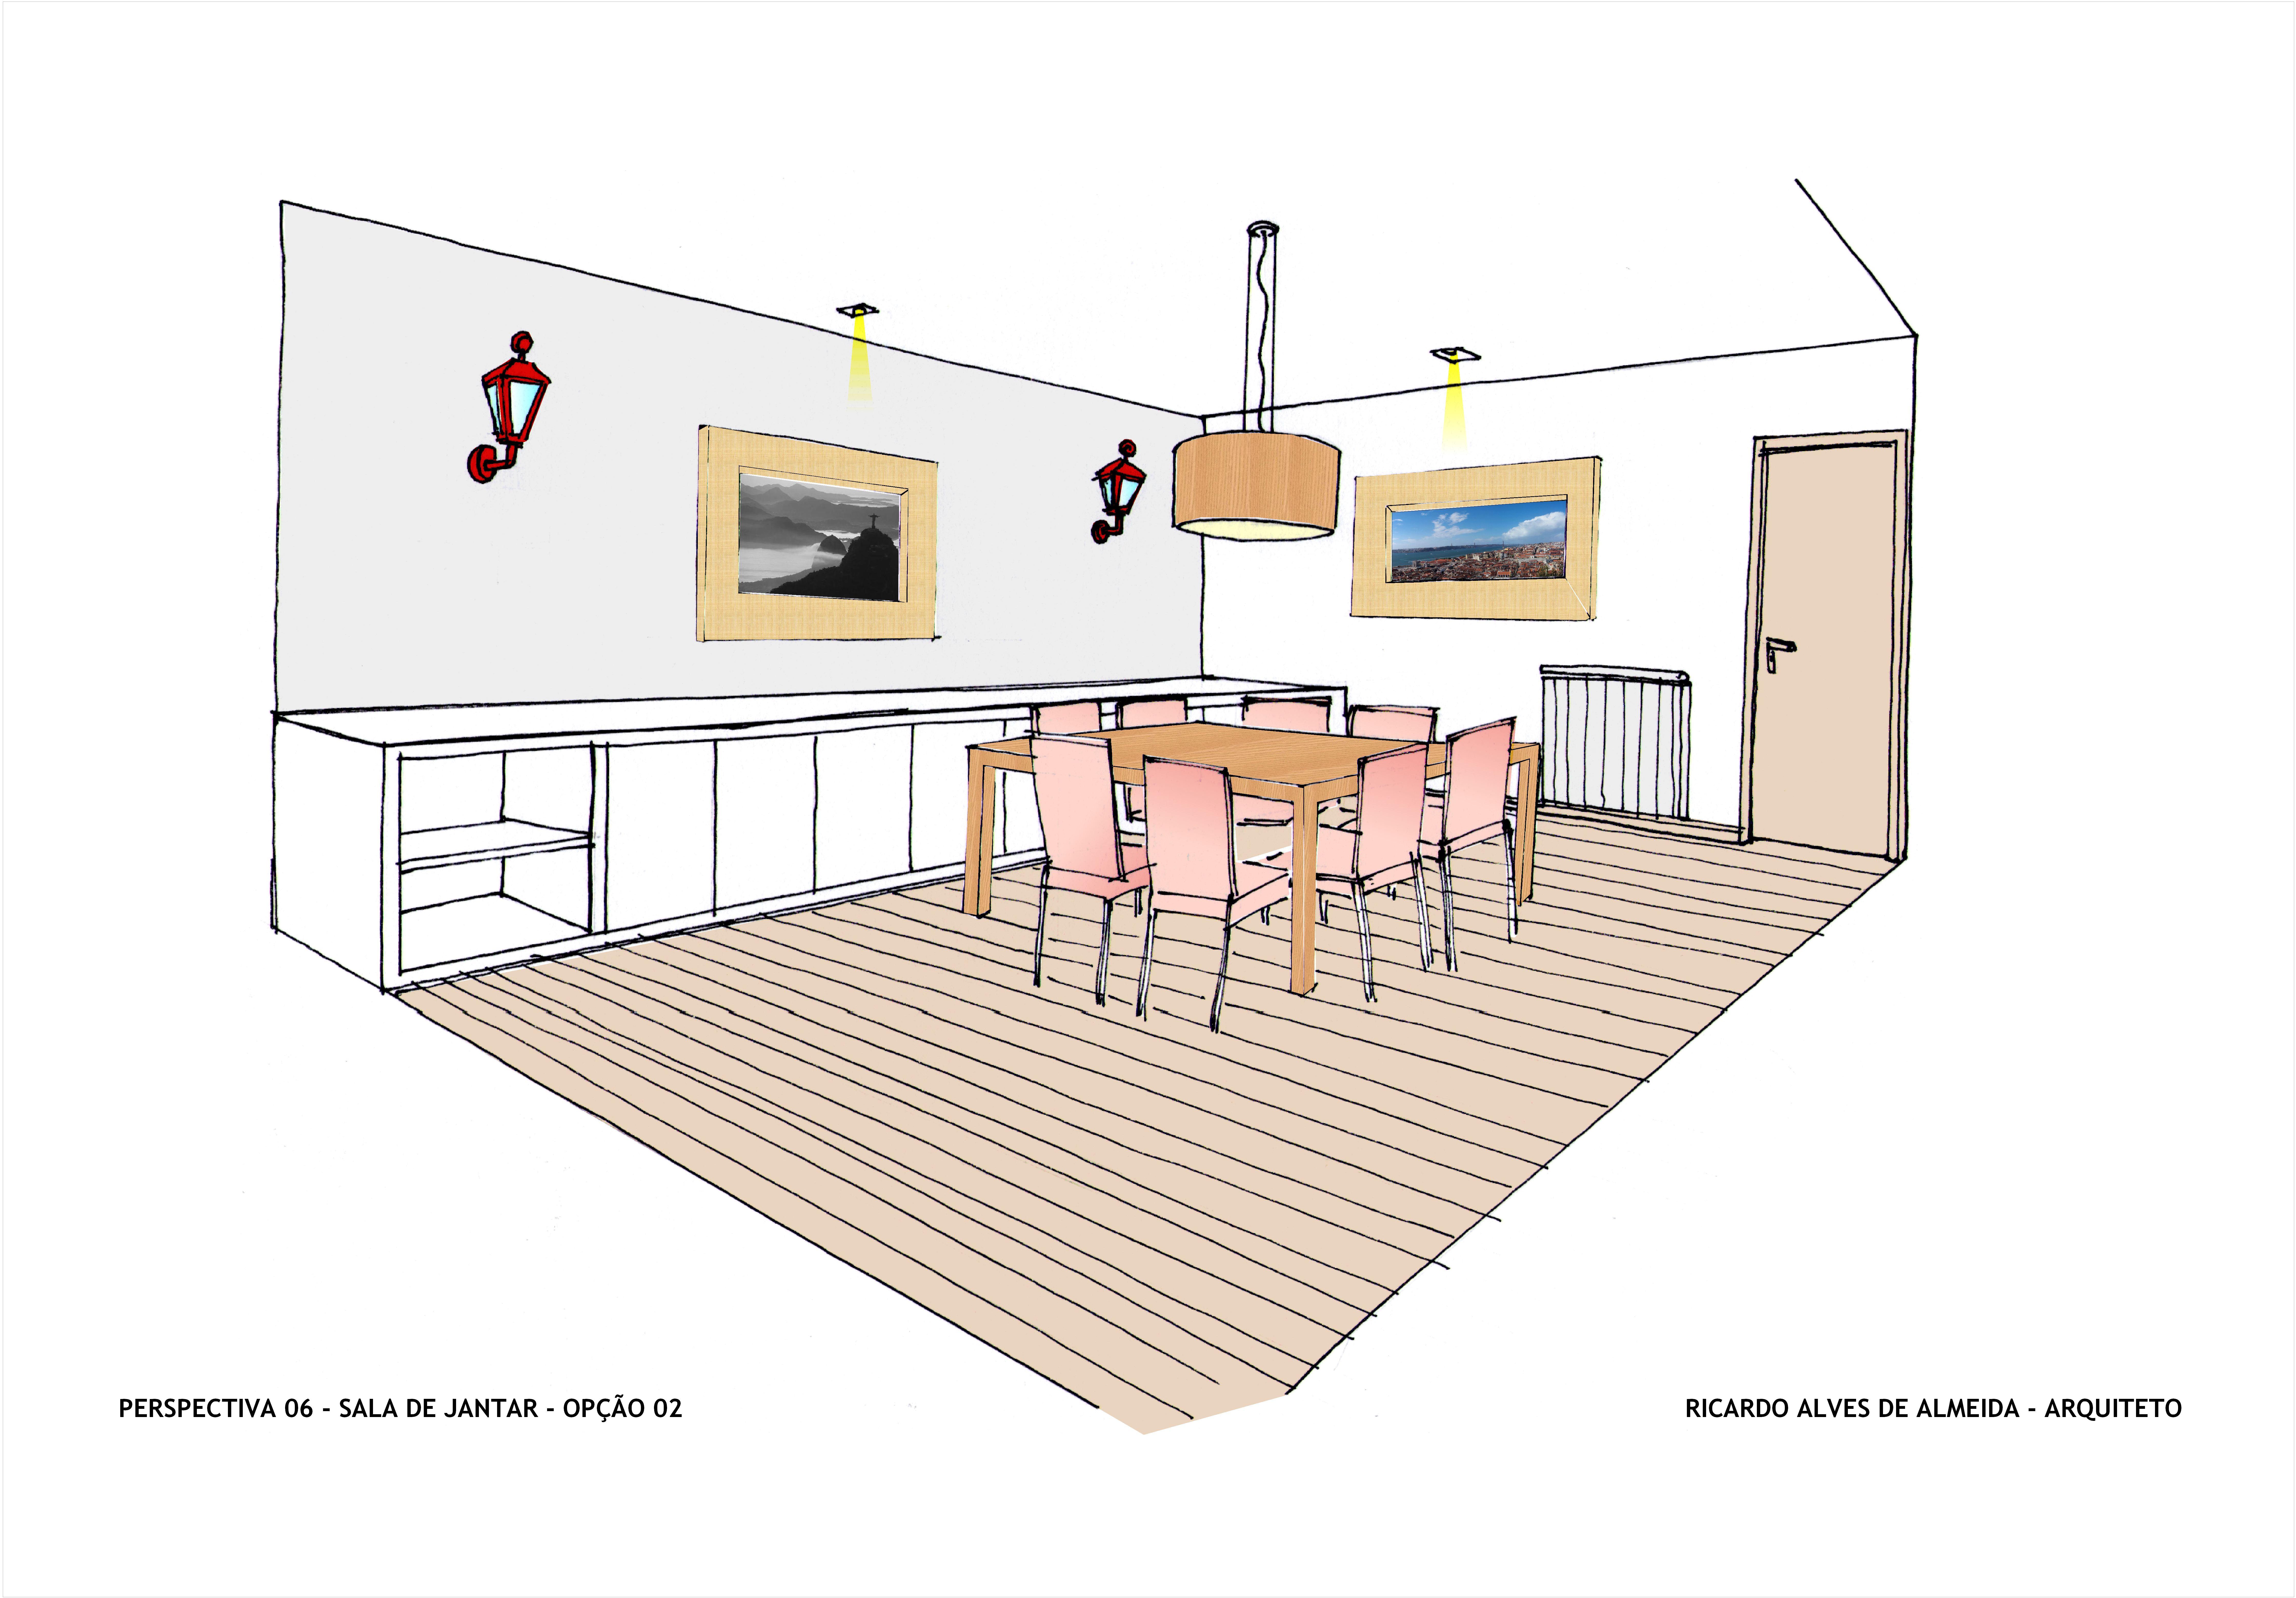 sala de jantar - opção 02